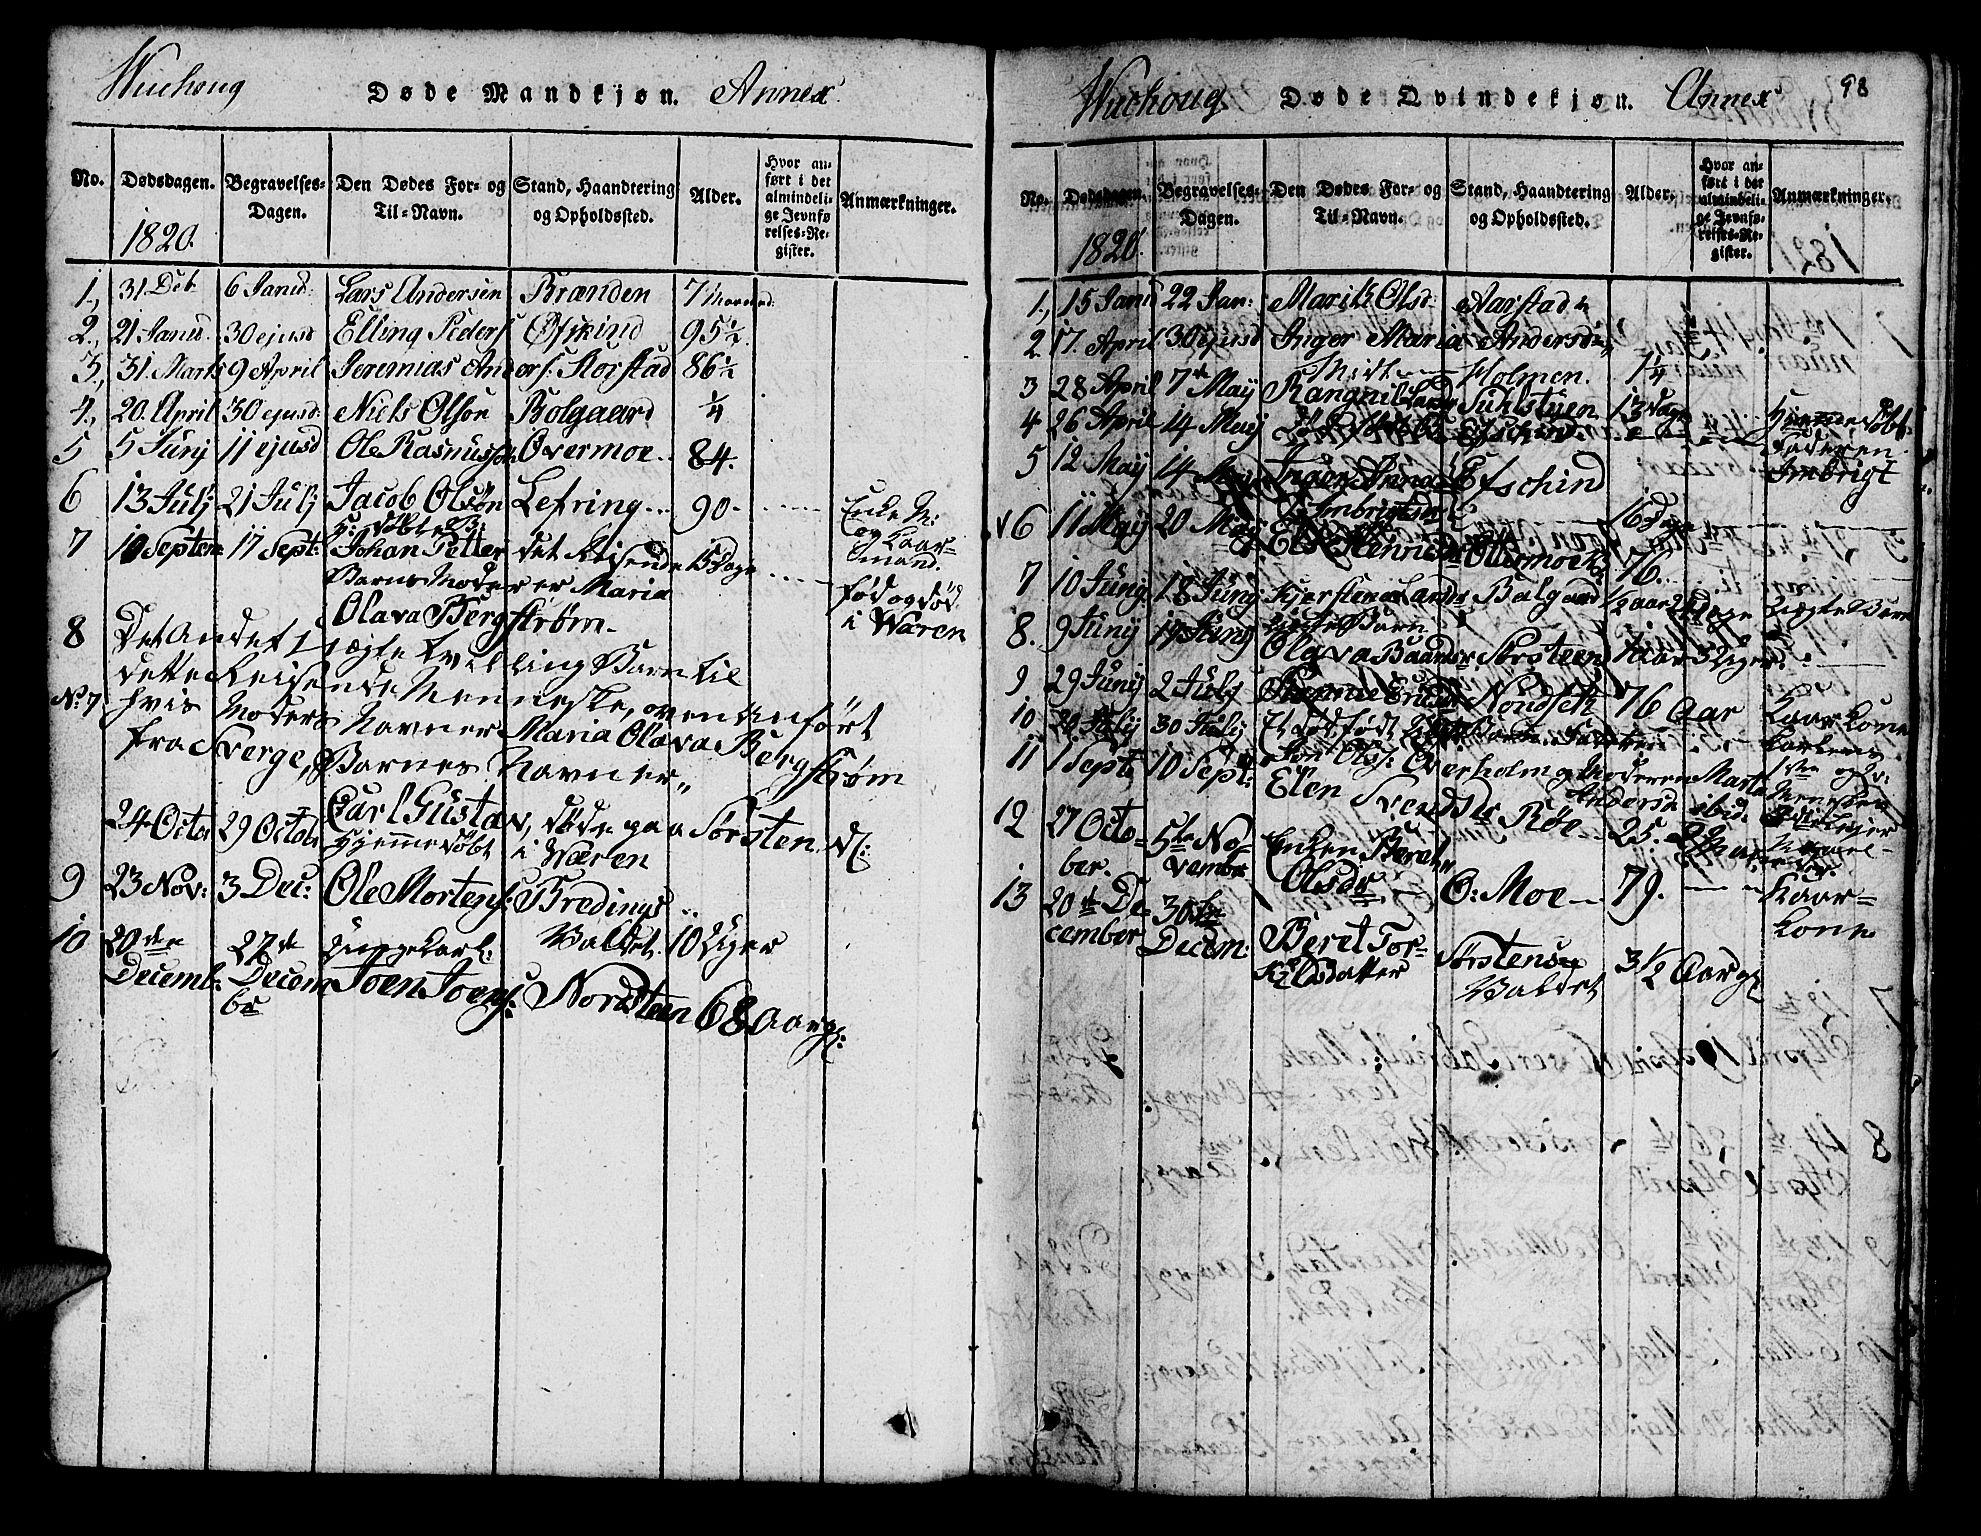 SAT, Ministerialprotokoller, klokkerbøker og fødselsregistre - Nord-Trøndelag, 724/L0265: Klokkerbok nr. 724C01, 1816-1845, s. 98